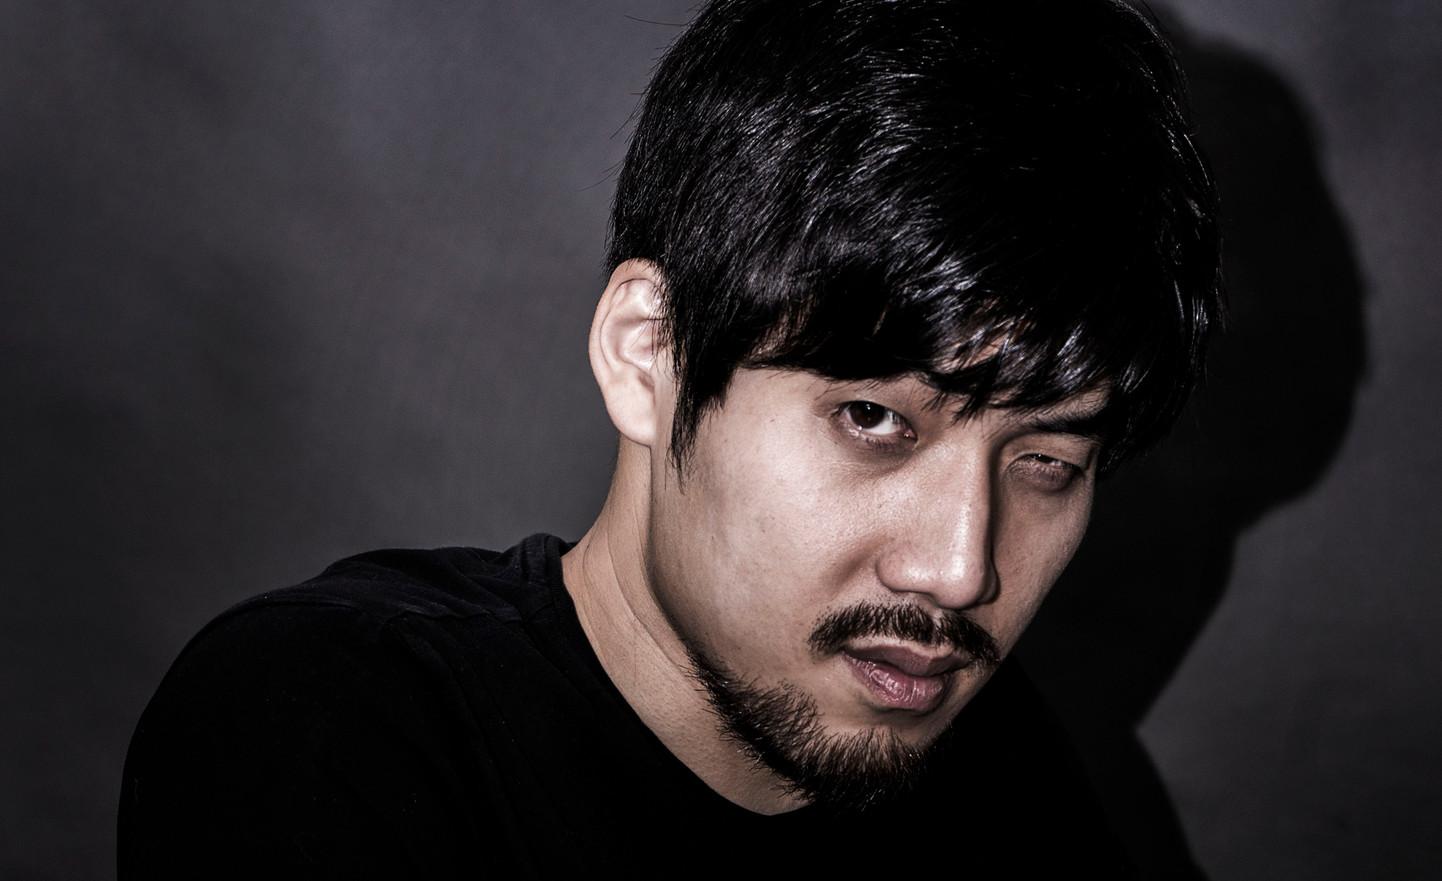 Mr. Yi